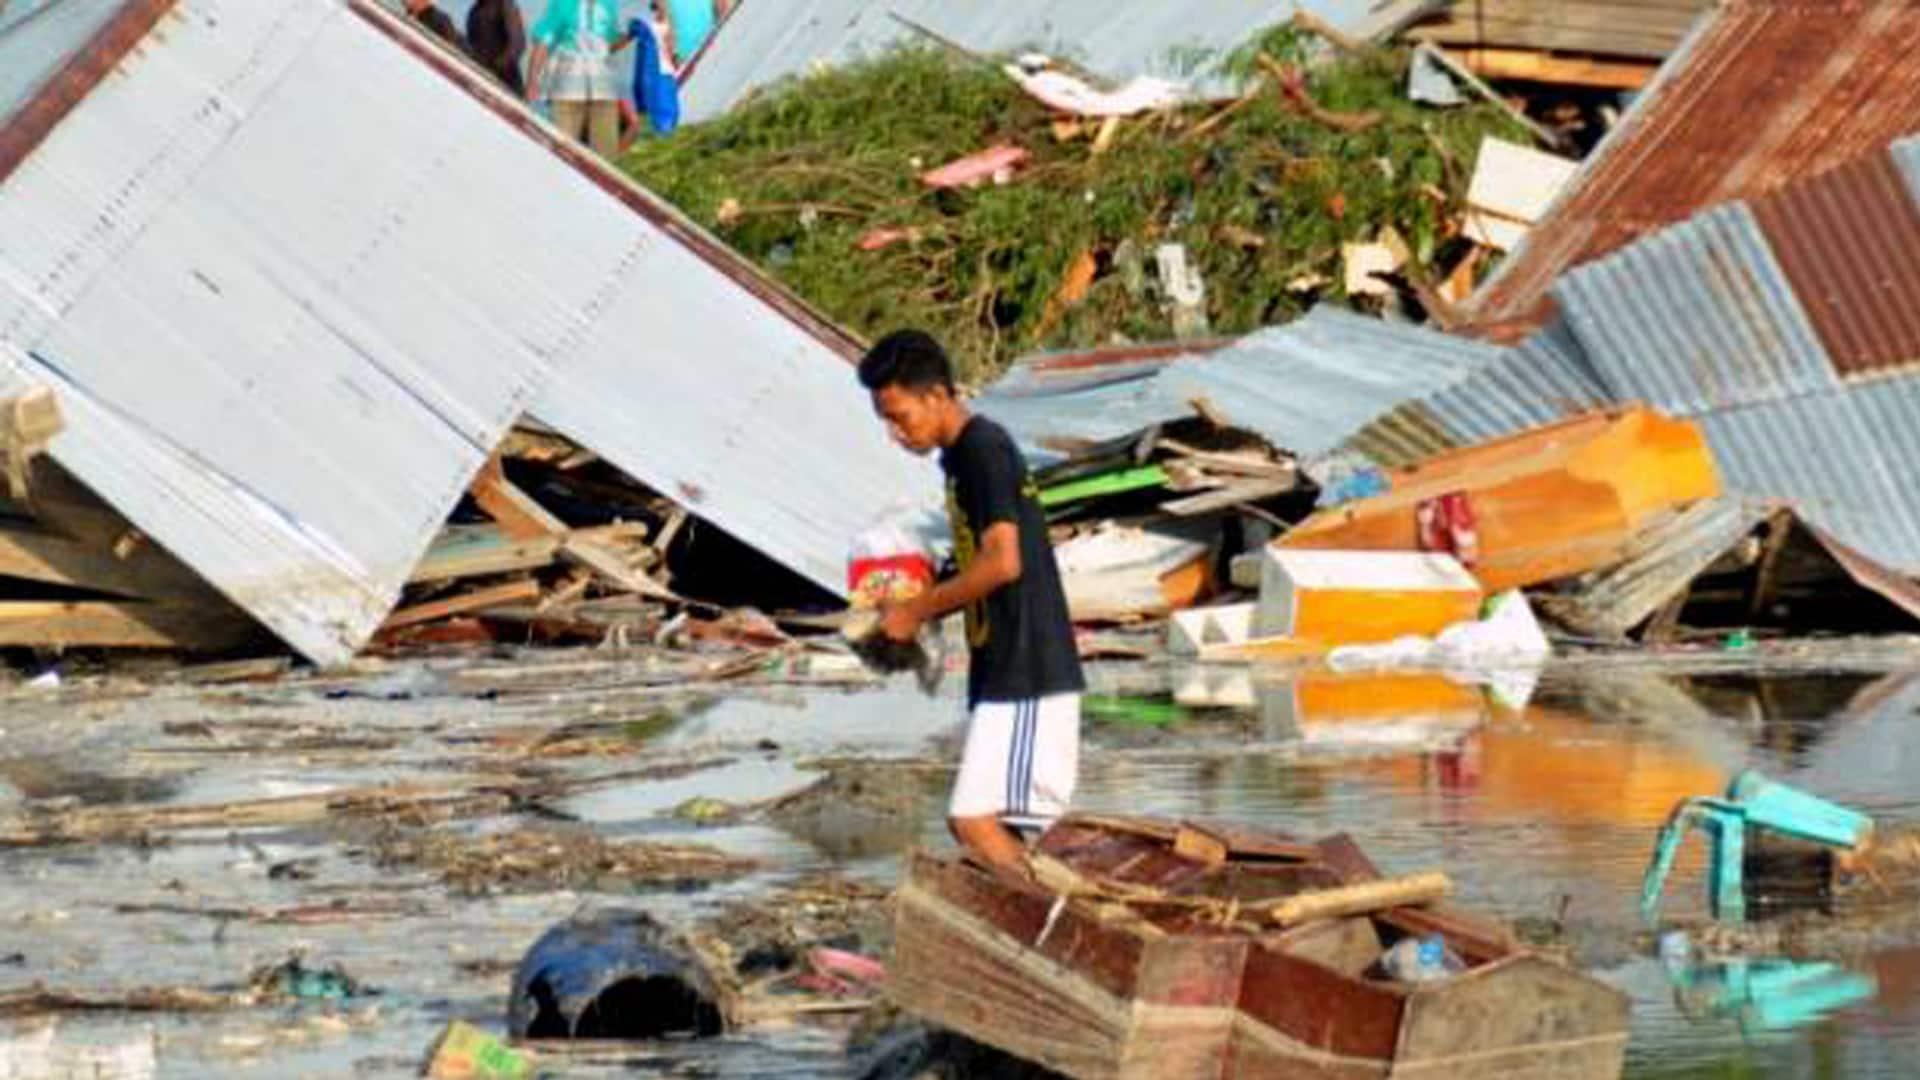 tsunami attack in Indonesia